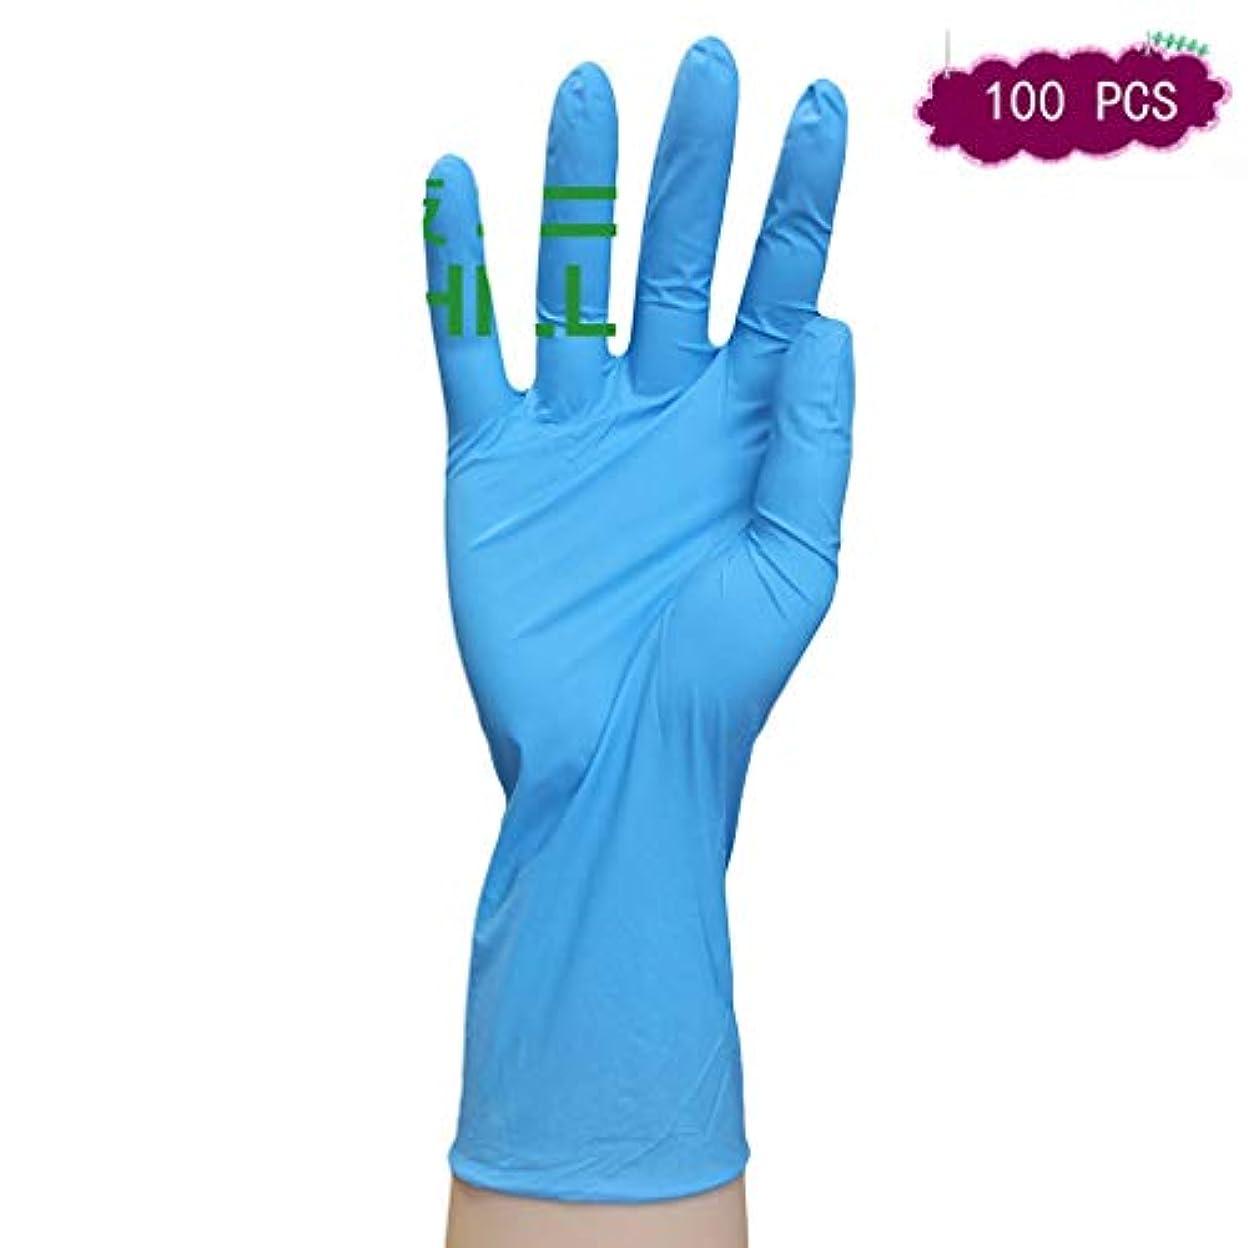 あなたのものロボット拷問使い捨てラテックス手袋ニトリル手袋ブルー12インチの防水保護手袋及び耐油性手袋厚み付けませパウダー (Size : S)